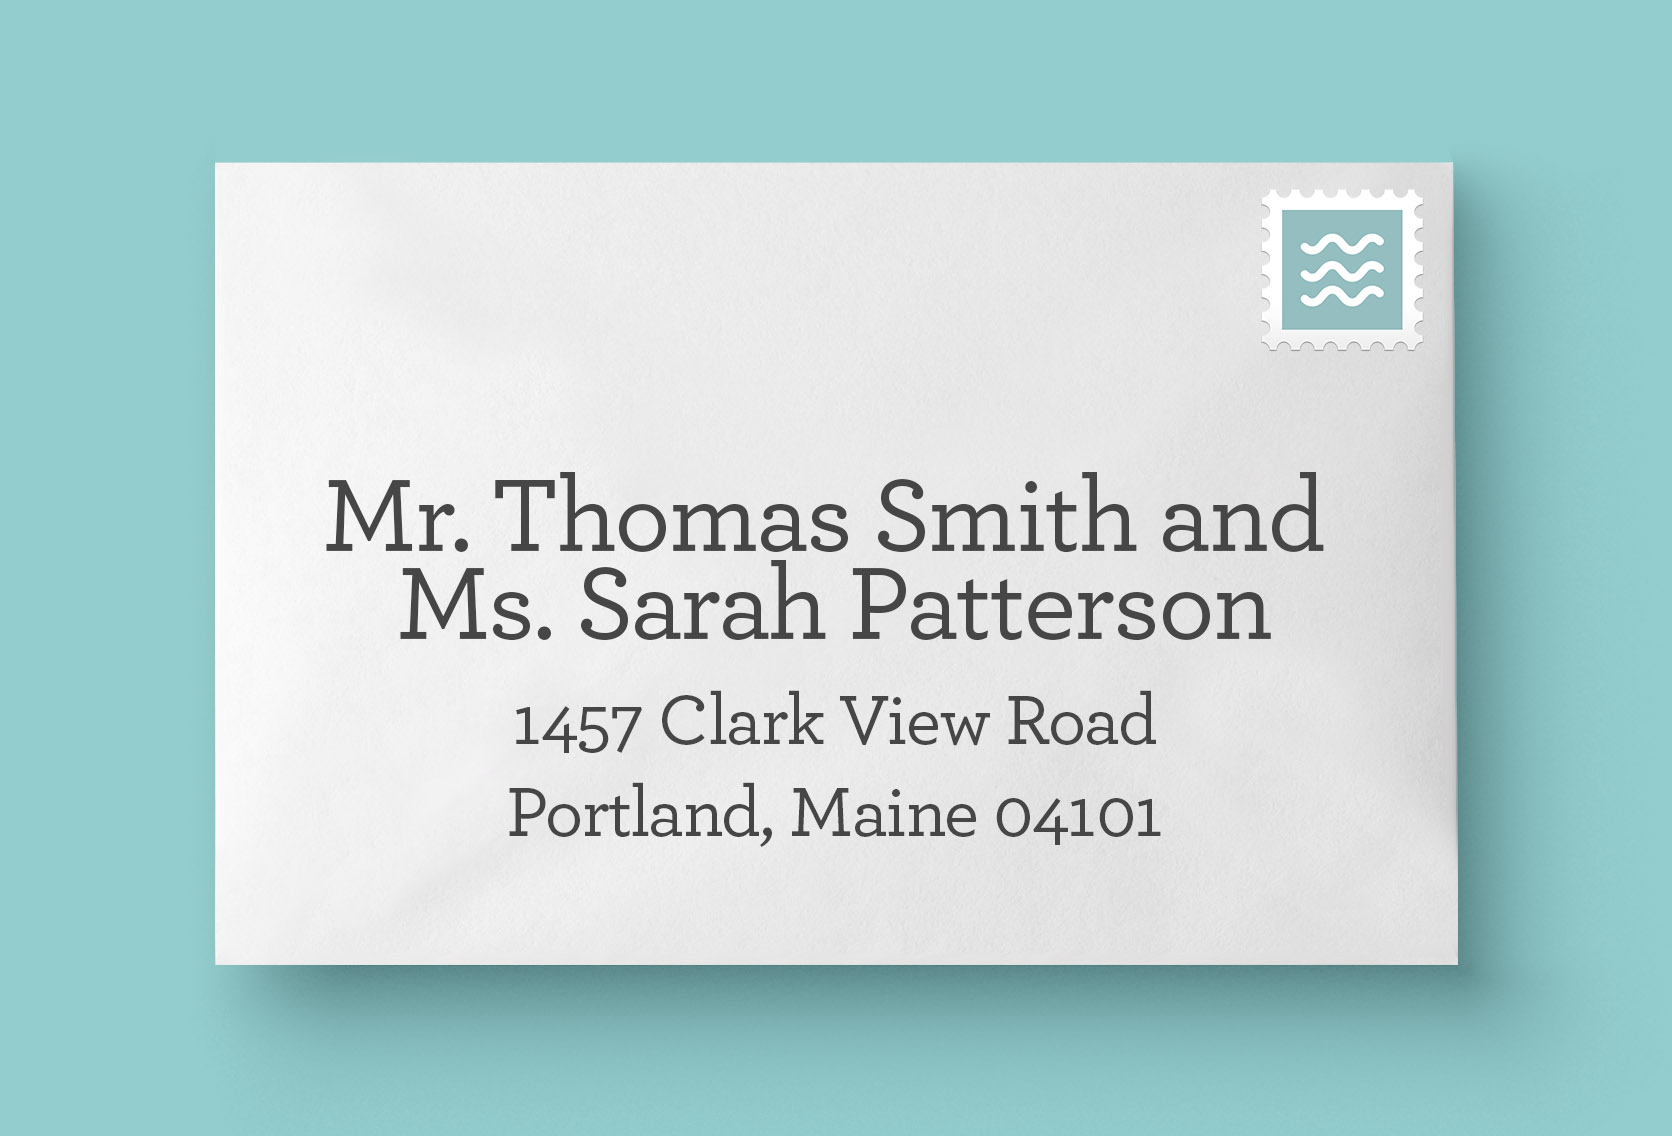 unwed-living-together-envelope